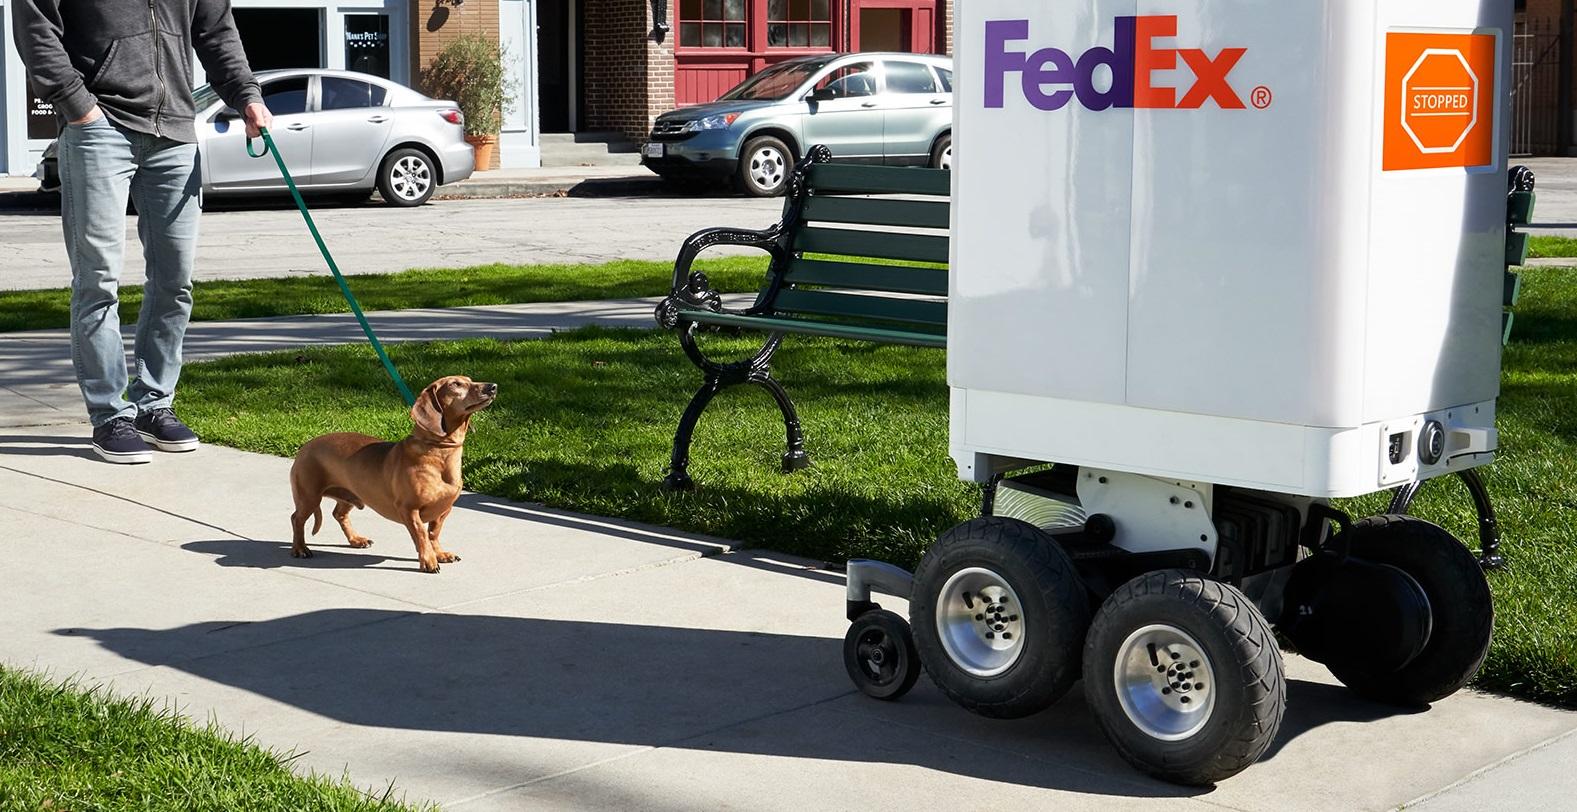 Roxos, da FedEx